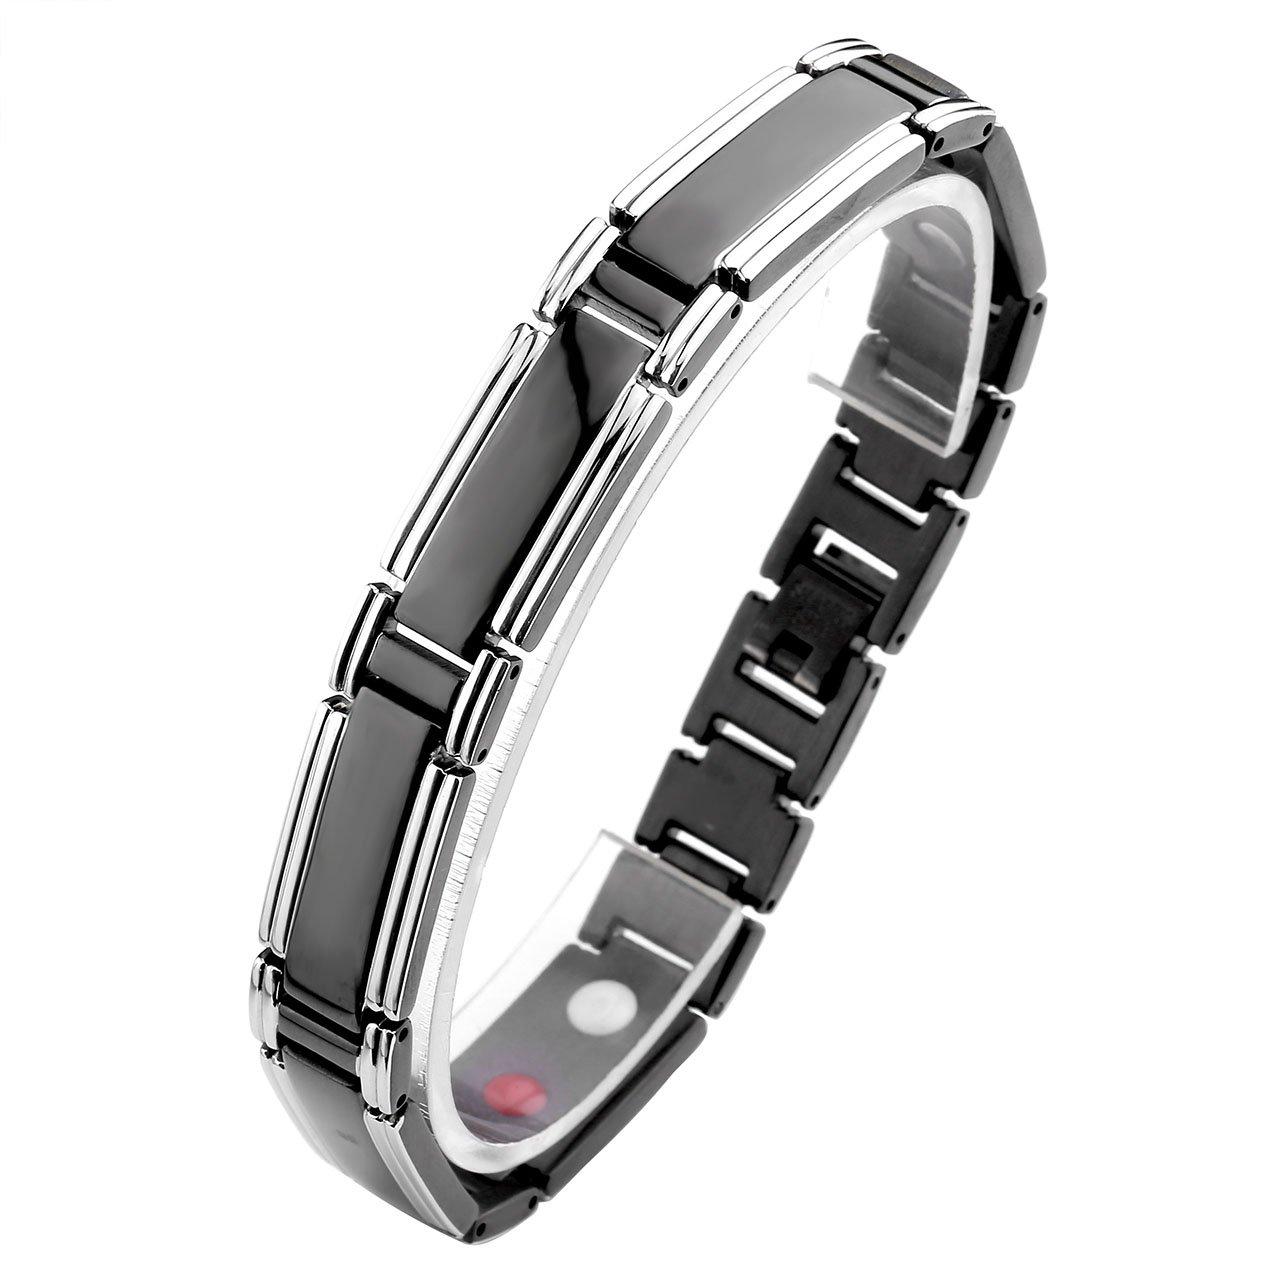 Zysta Schmuck Herren Magnetarmband Titan magnetische Armband Magnet Partnerarmbänder aus Edeltahl Rechteck Form (Farbe:Schwarz)